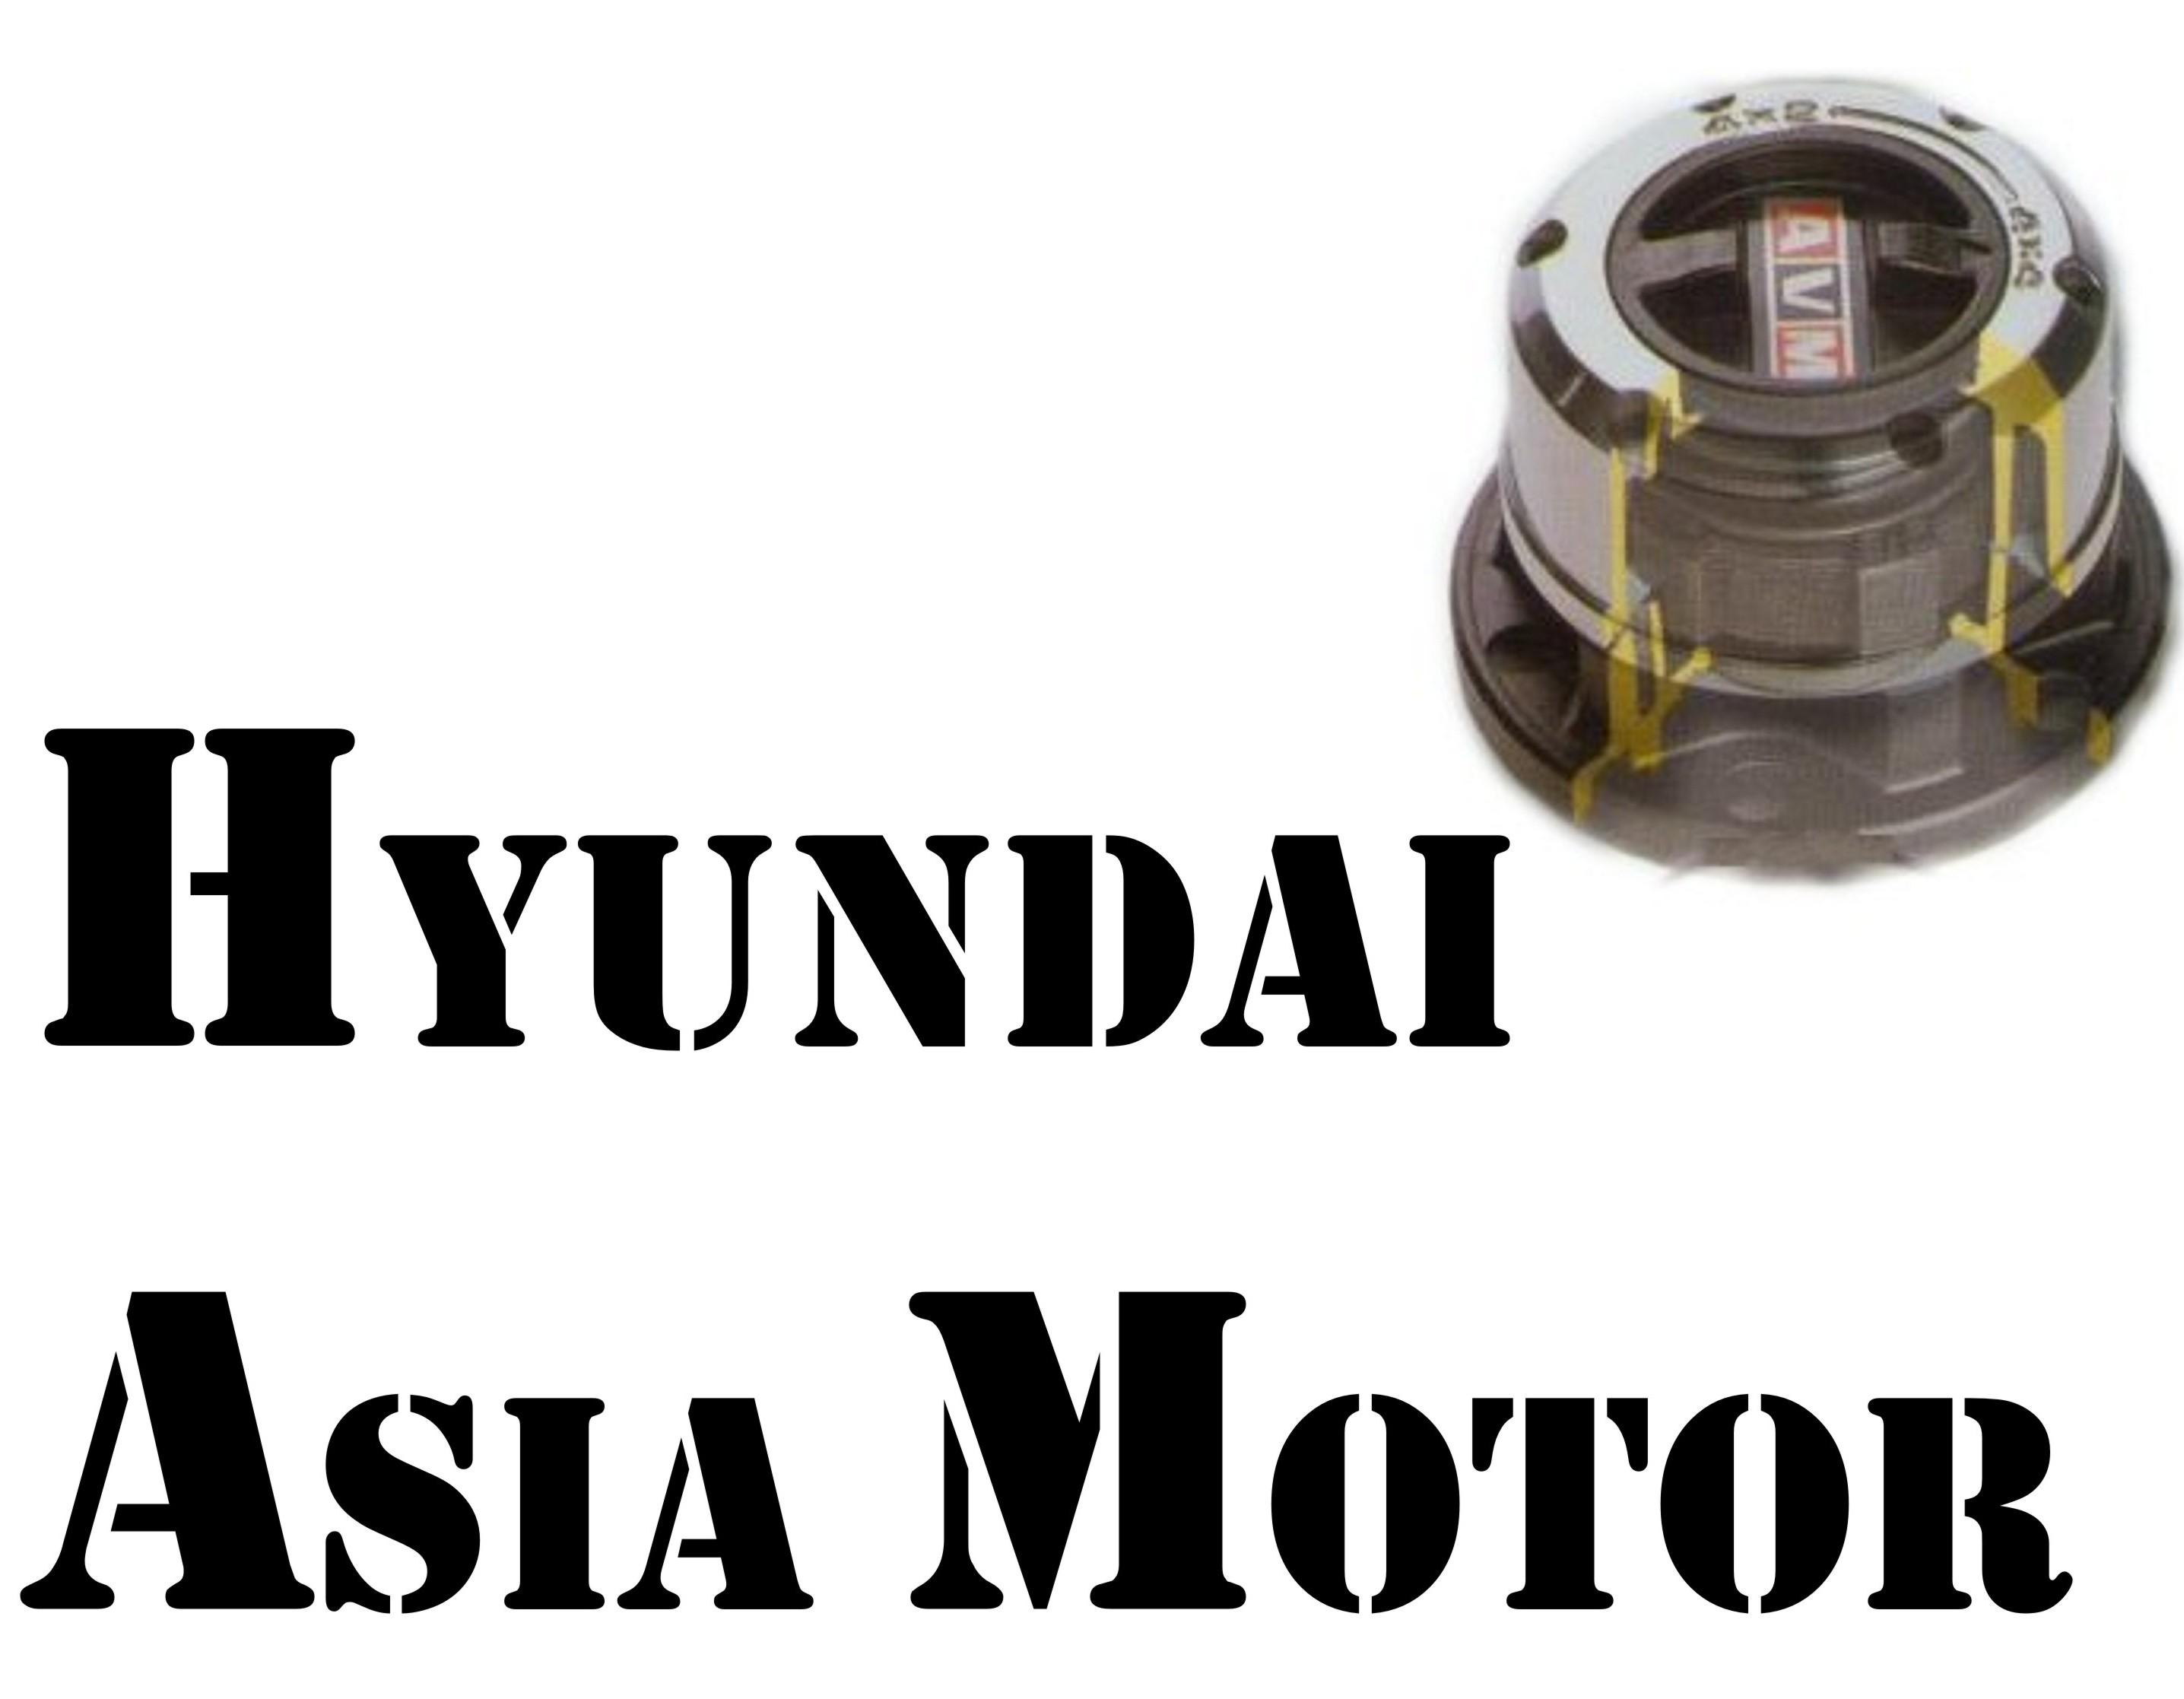 HUNDAI / ASIA MOTOR